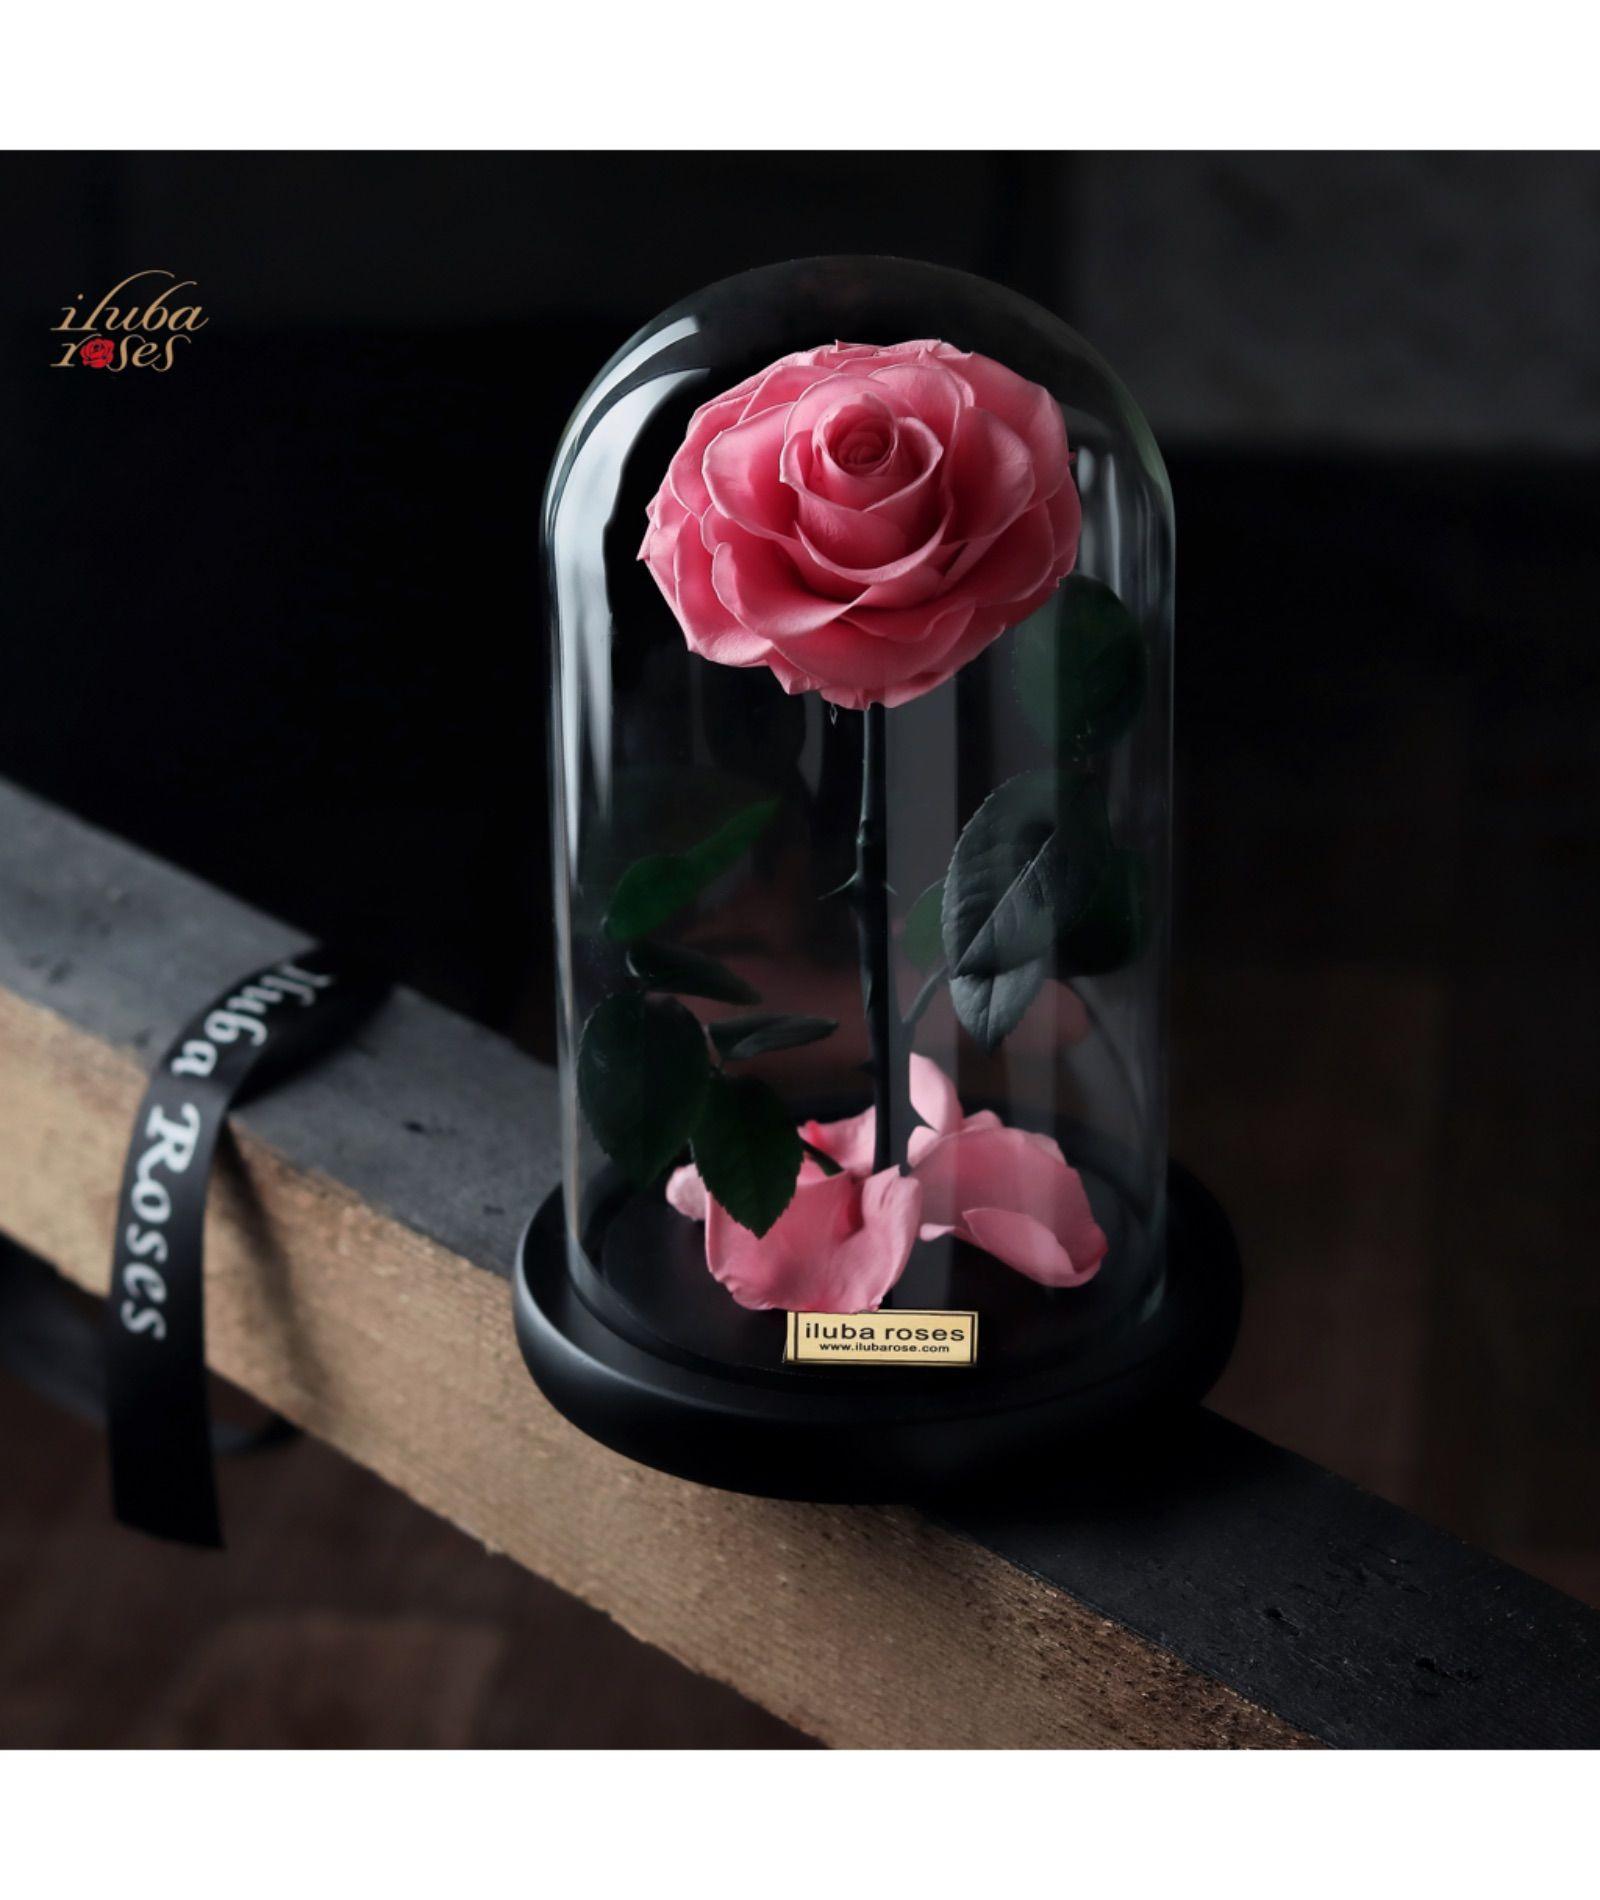 فازة ورد ايلوبا روز زهري طبيعي دائمة محفوظة Rose In A Glass Gifts Pink Rose Flower